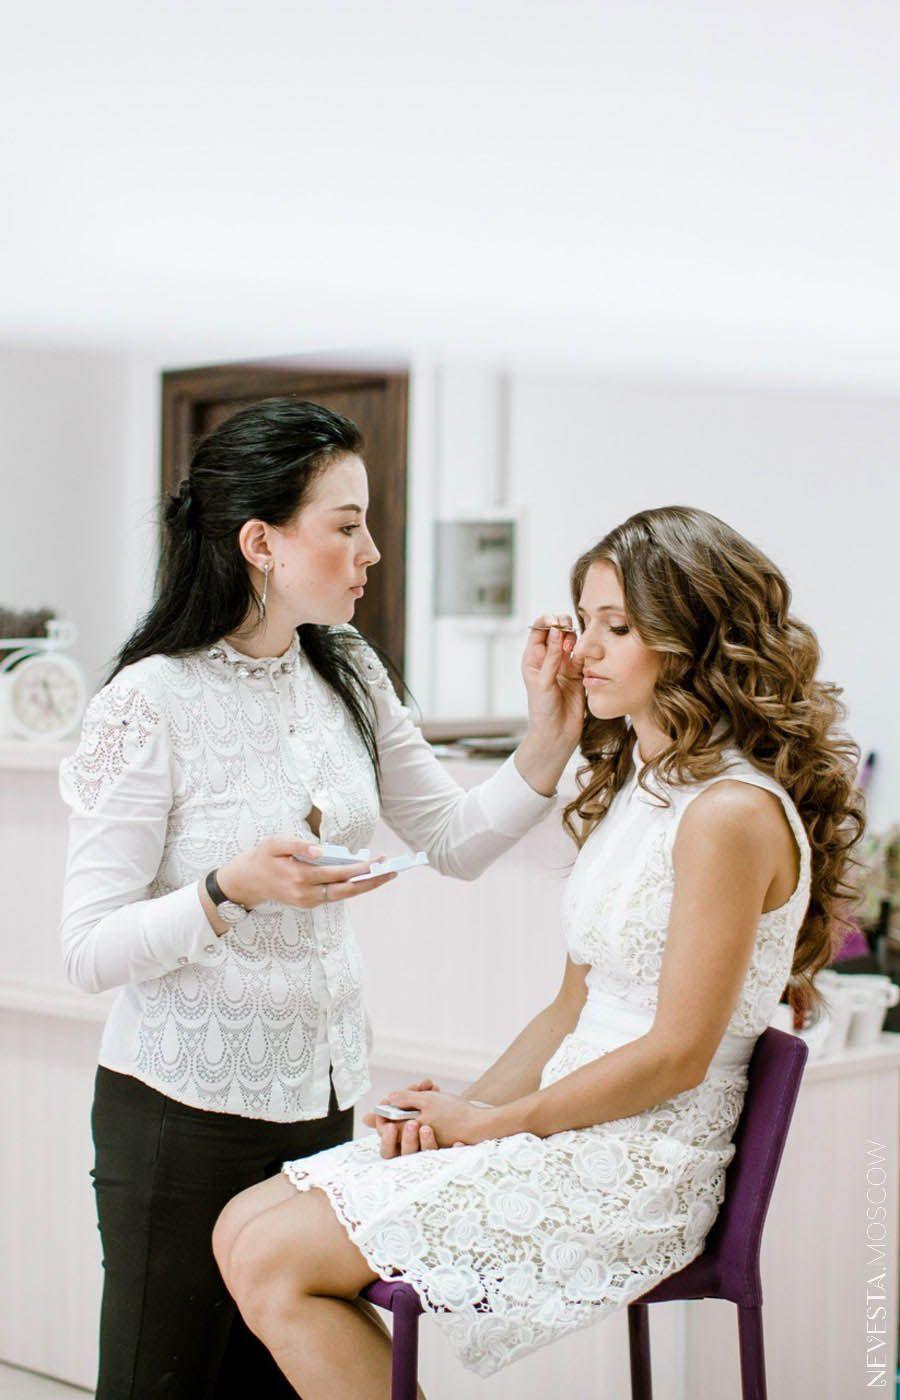 макияж для невесты на свадьбу